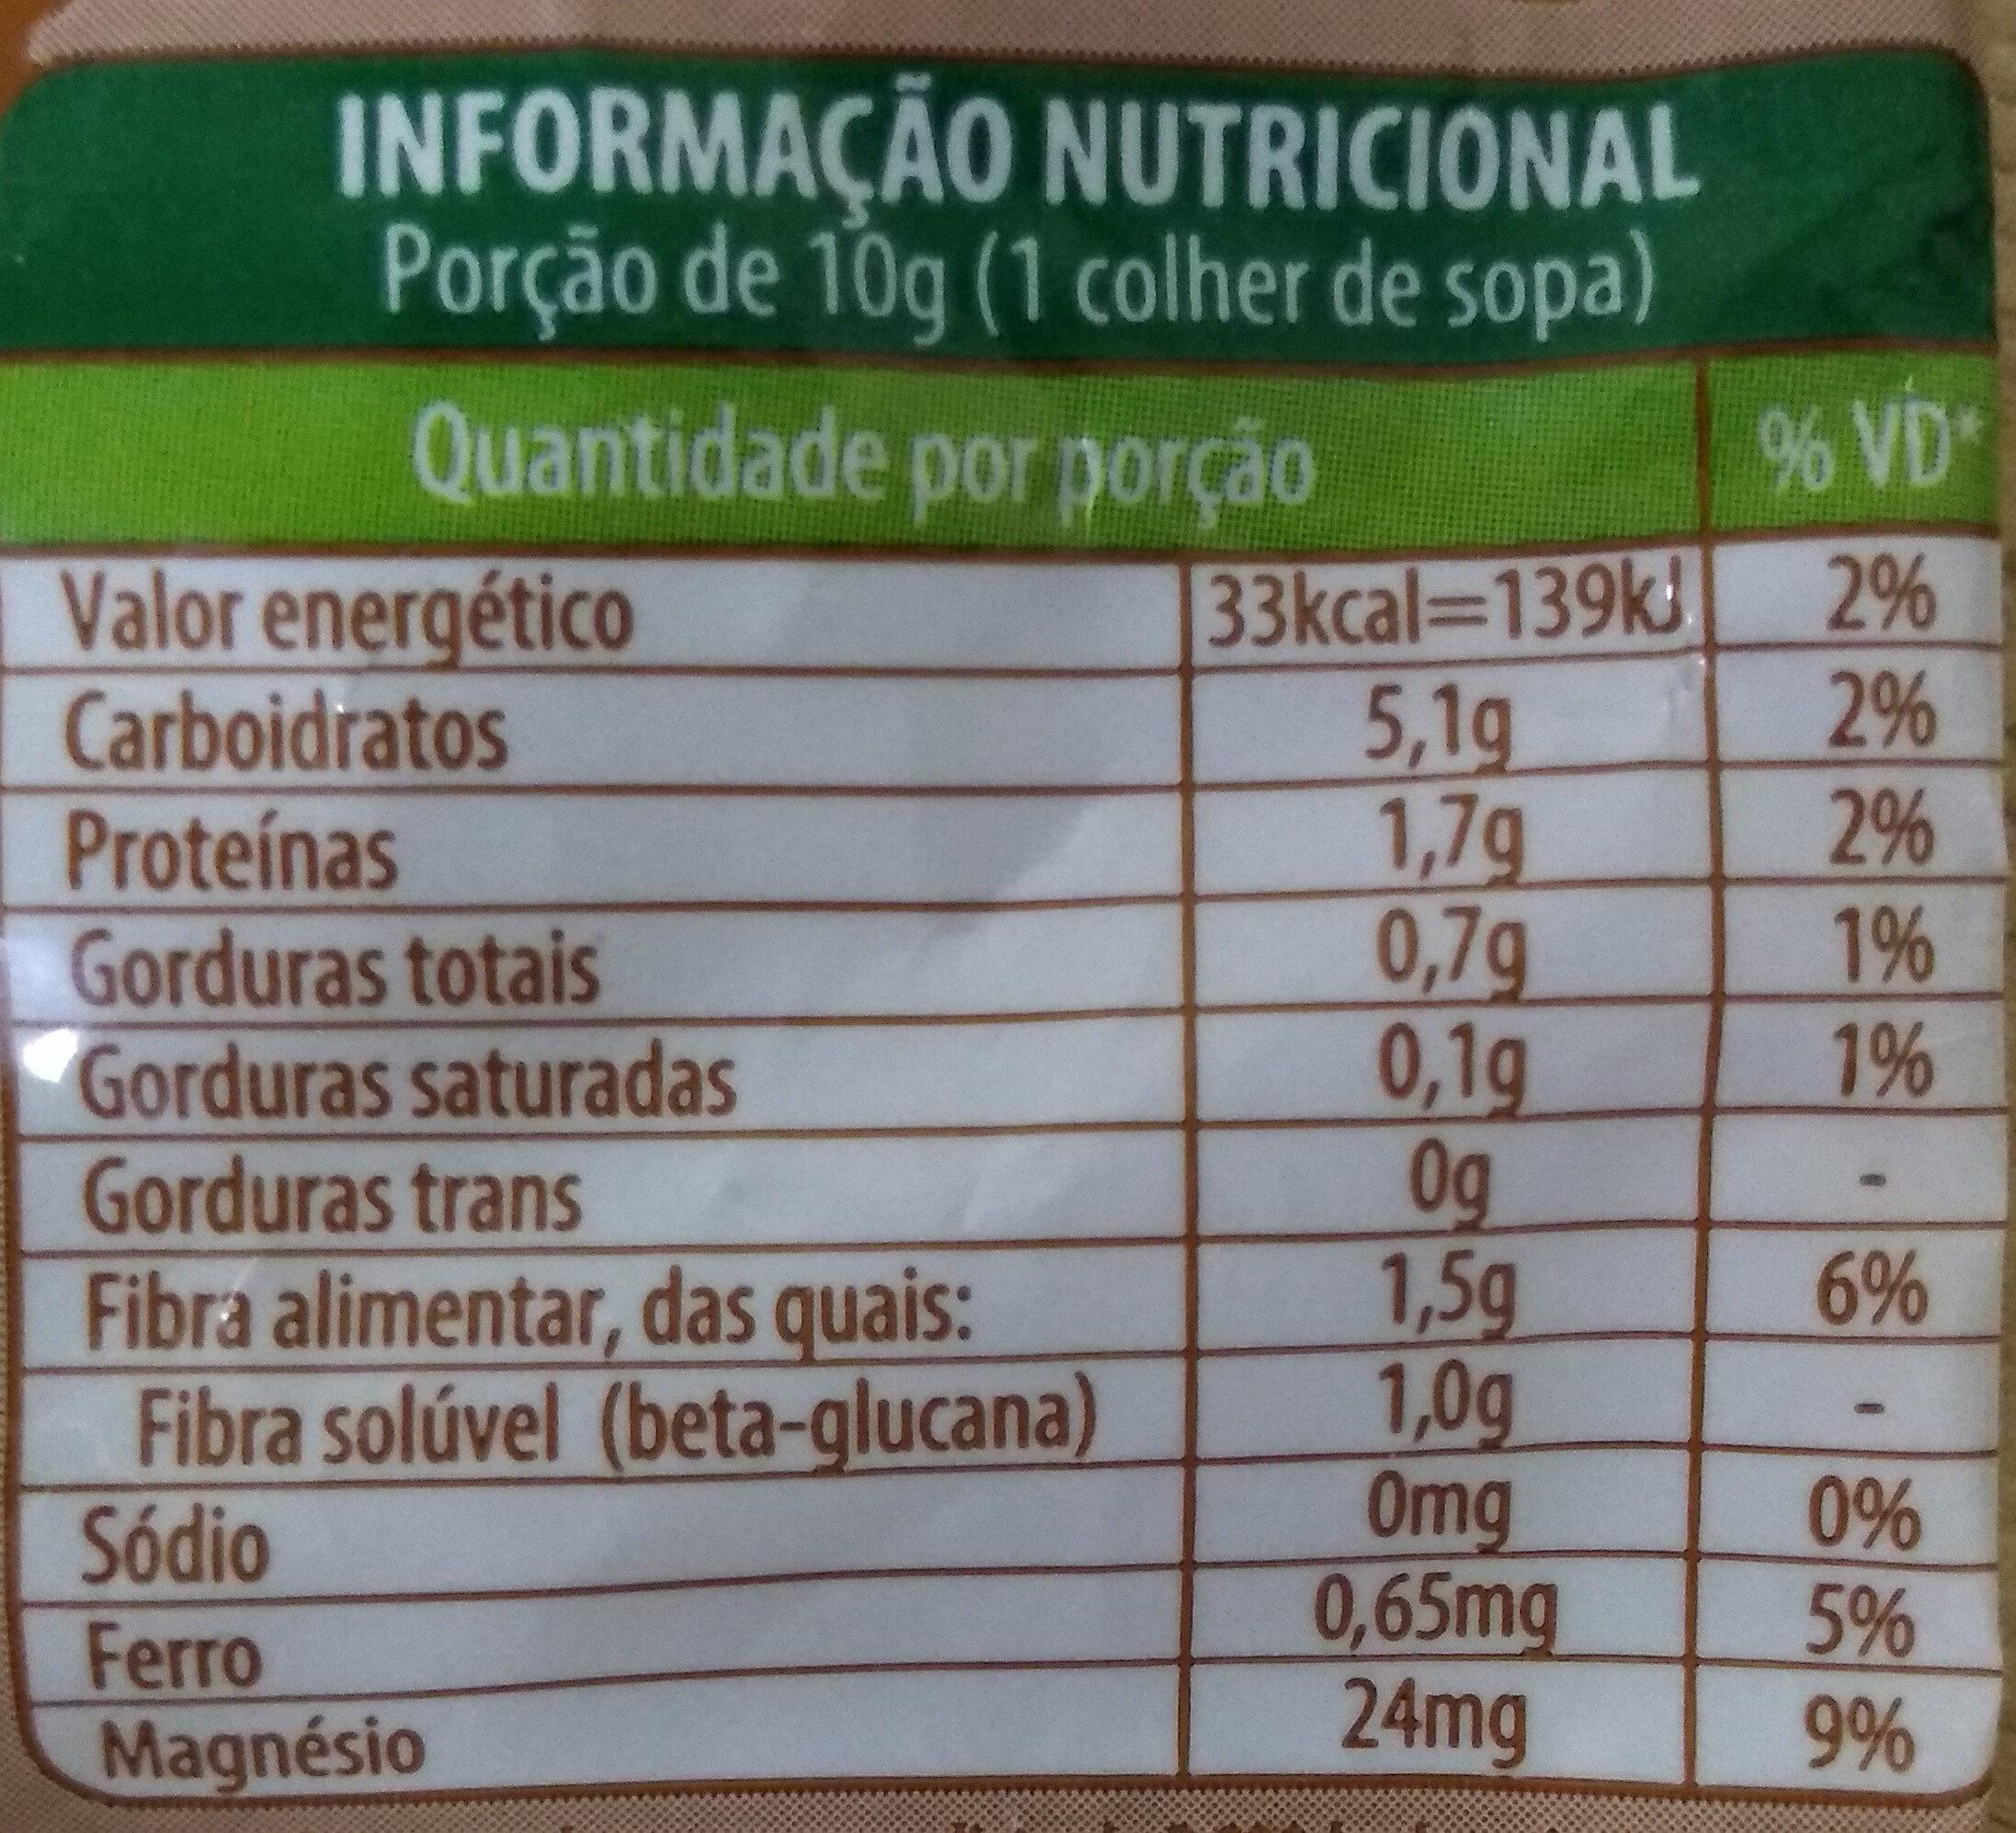 Farelo de Aveia - Nutrition facts - pt